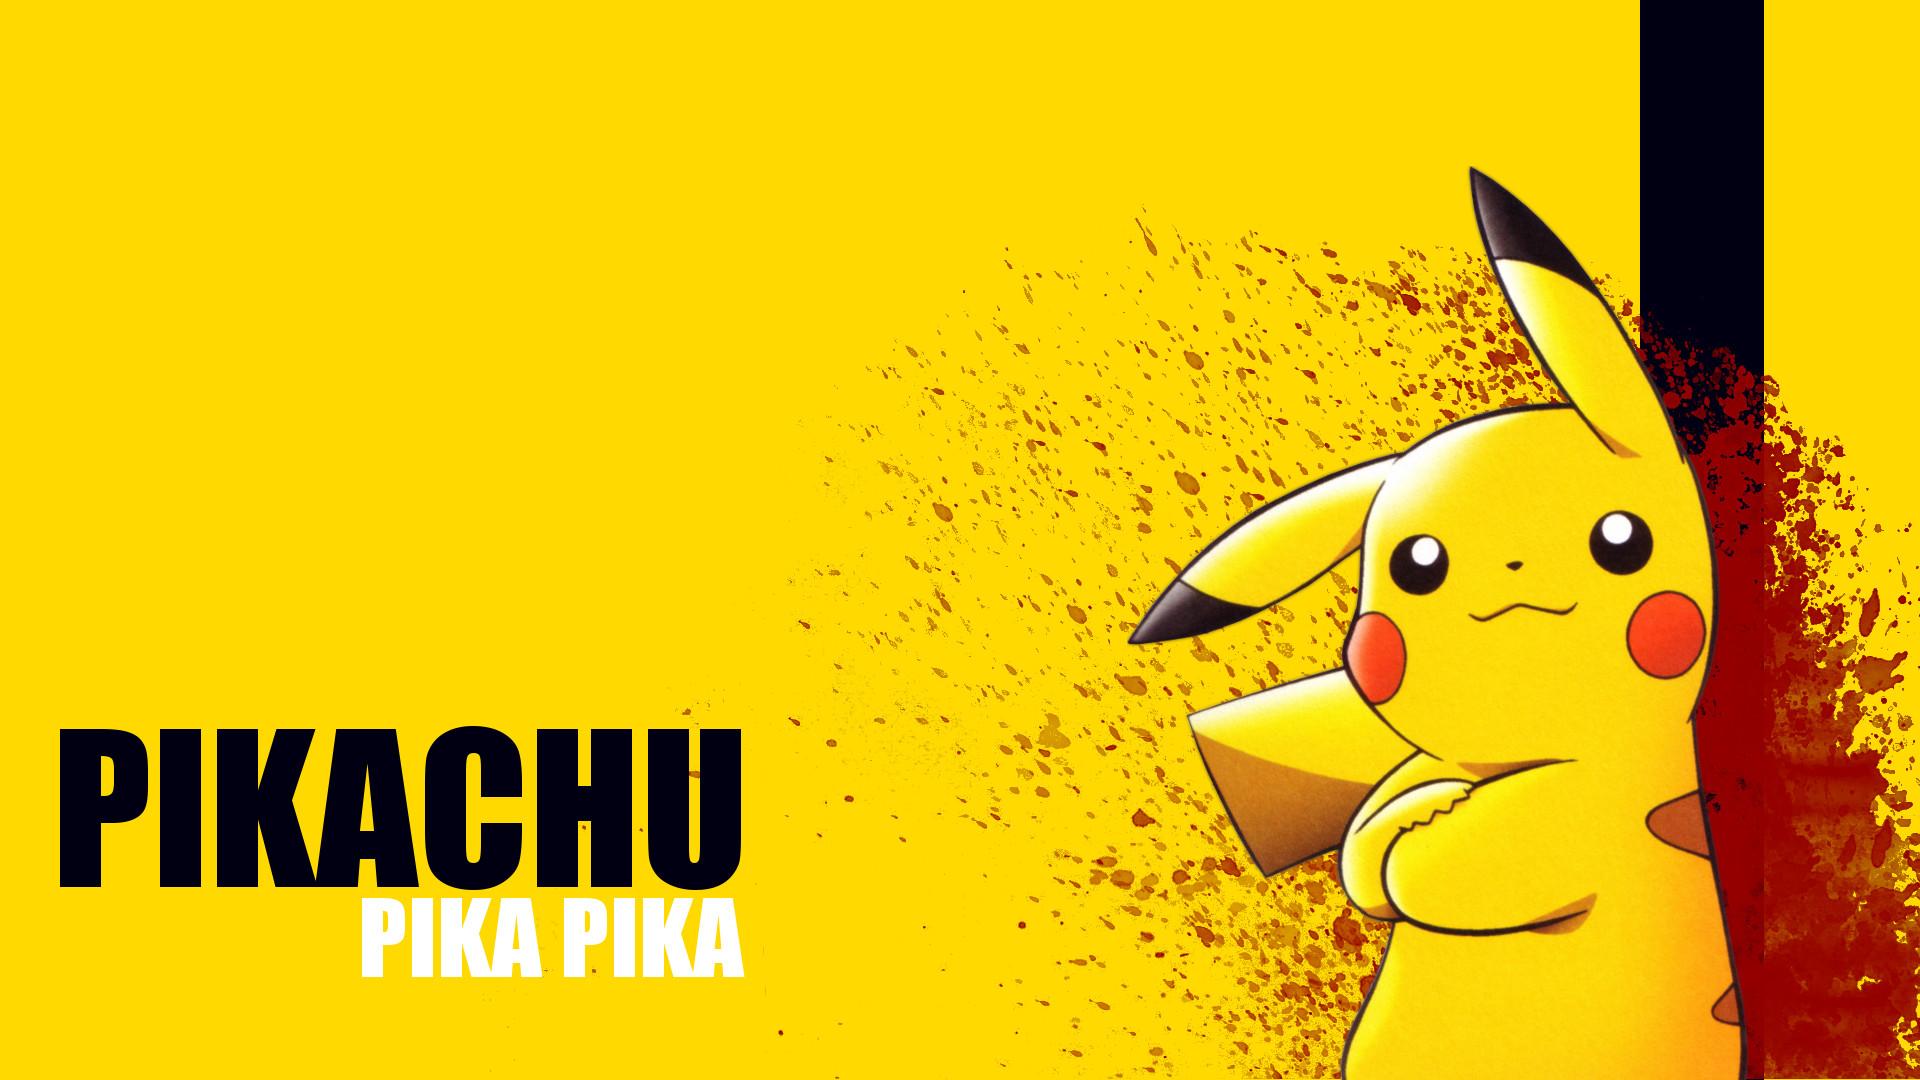 Kill bill pikachu wallpaper HD.